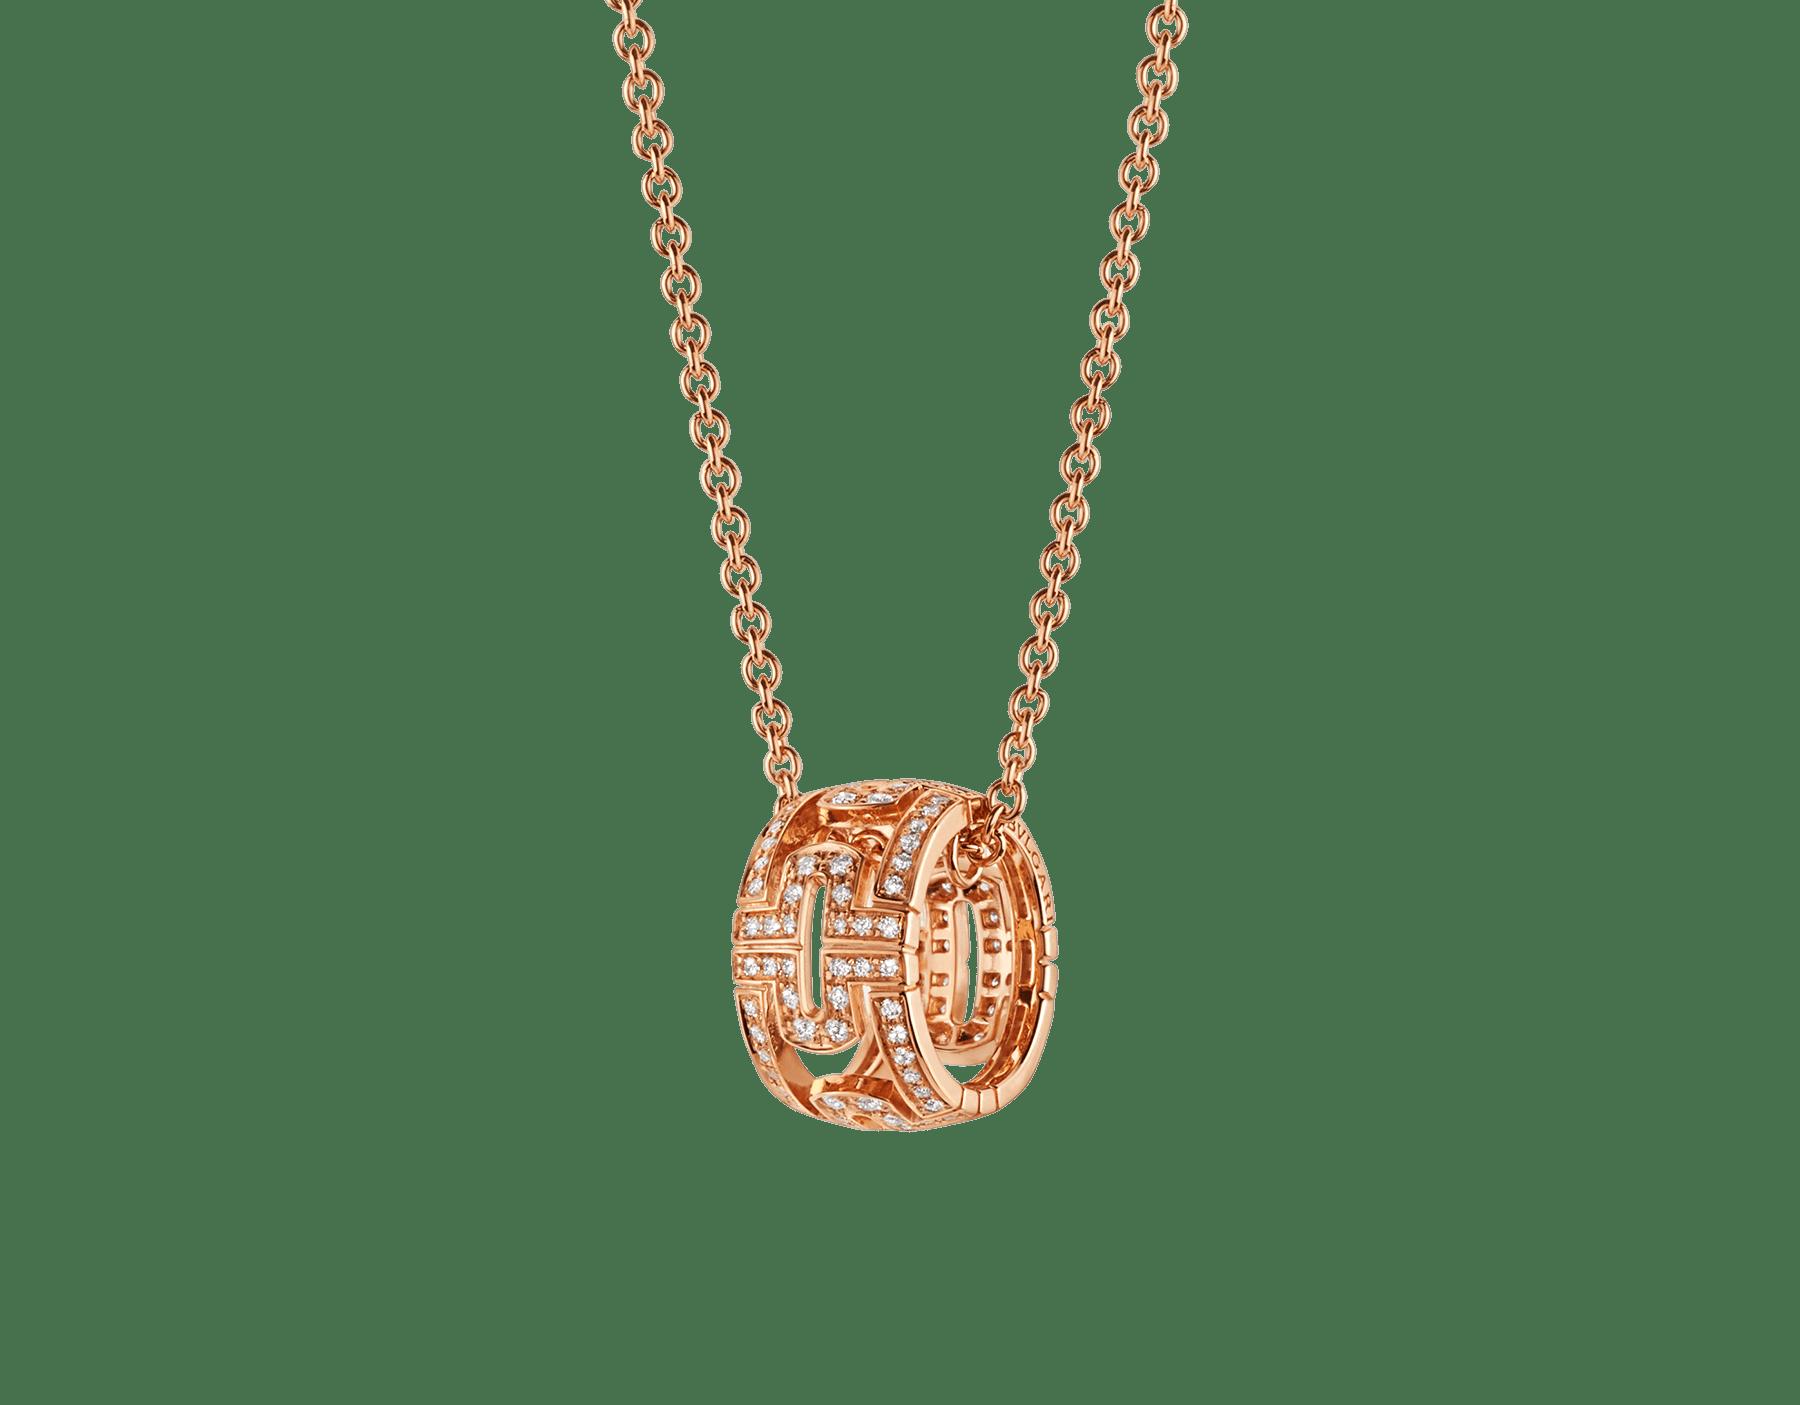 Collier Parentesi avec chaîne en or rose 18K et pendentif rond en or rose 18K pavé diamants 343471 image 1